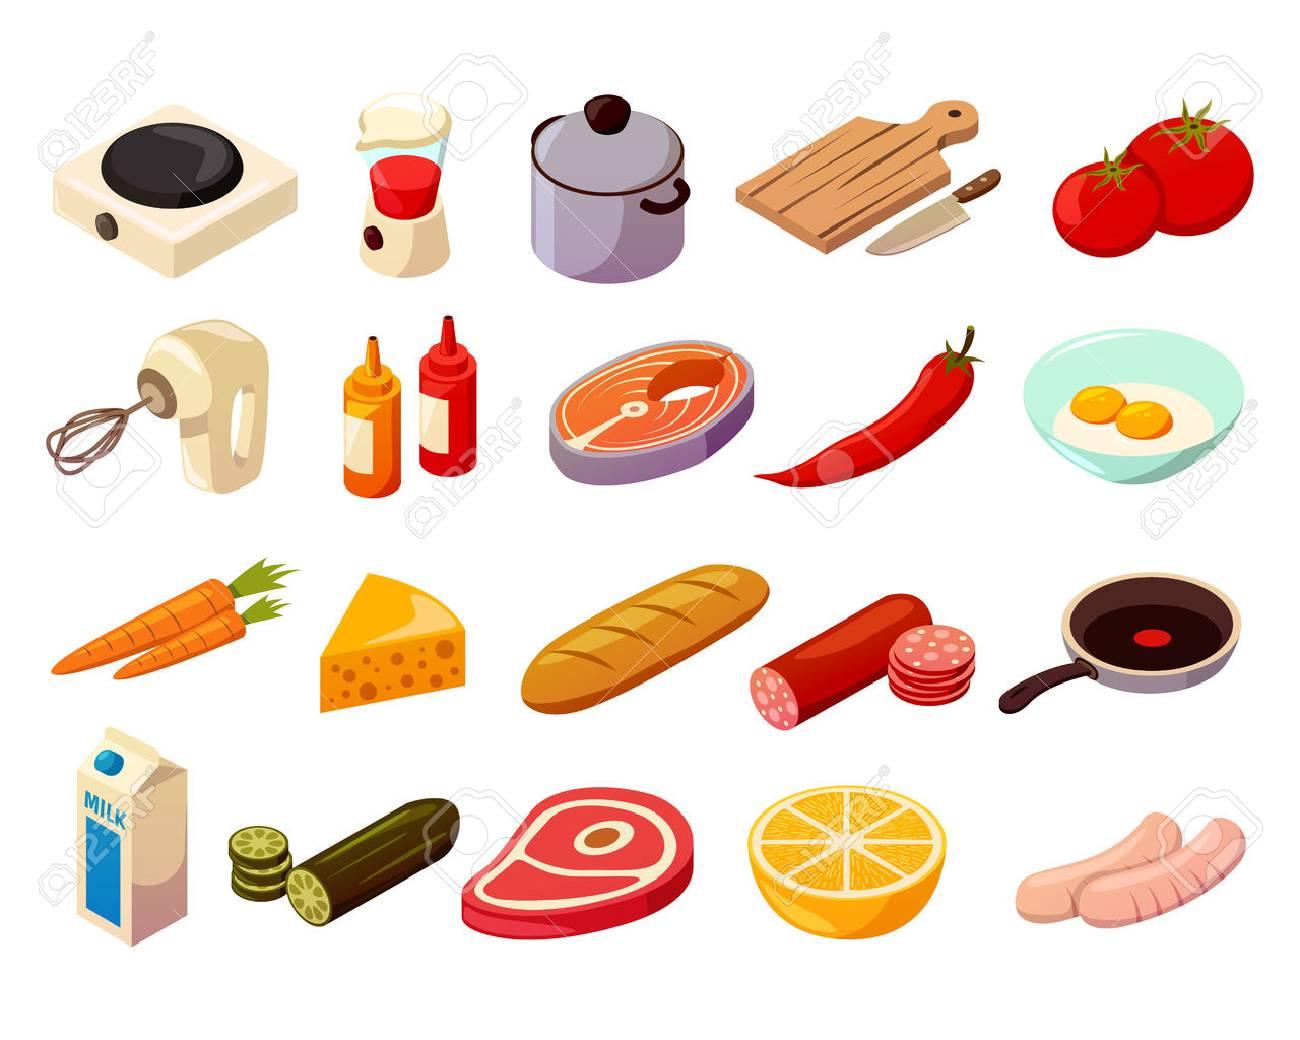 baea86652 Alimentos cocina conjunto de iconos isométricos con utensilios de cocina,  equipo culinario, carne,